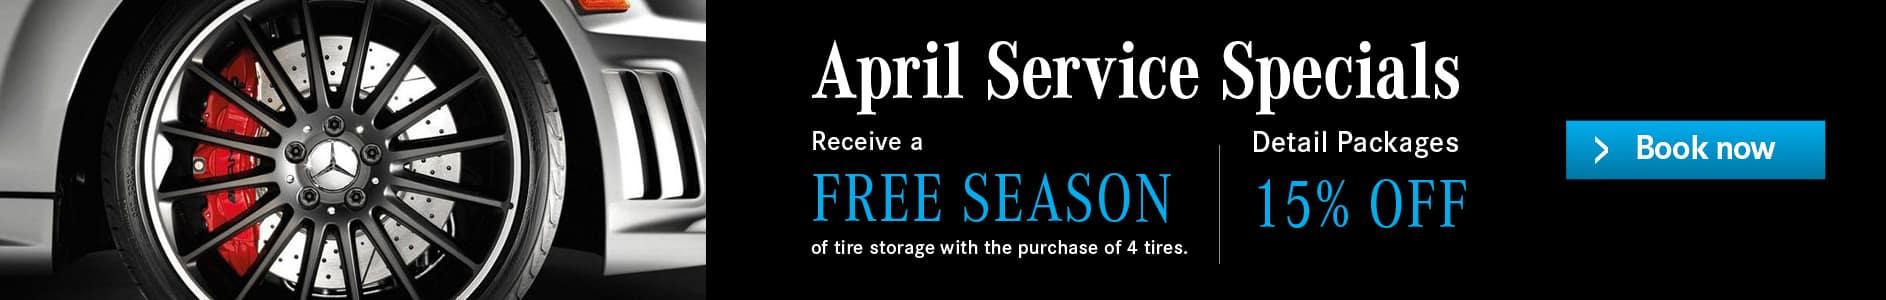 1552141_MBH_Service April 2021 WB